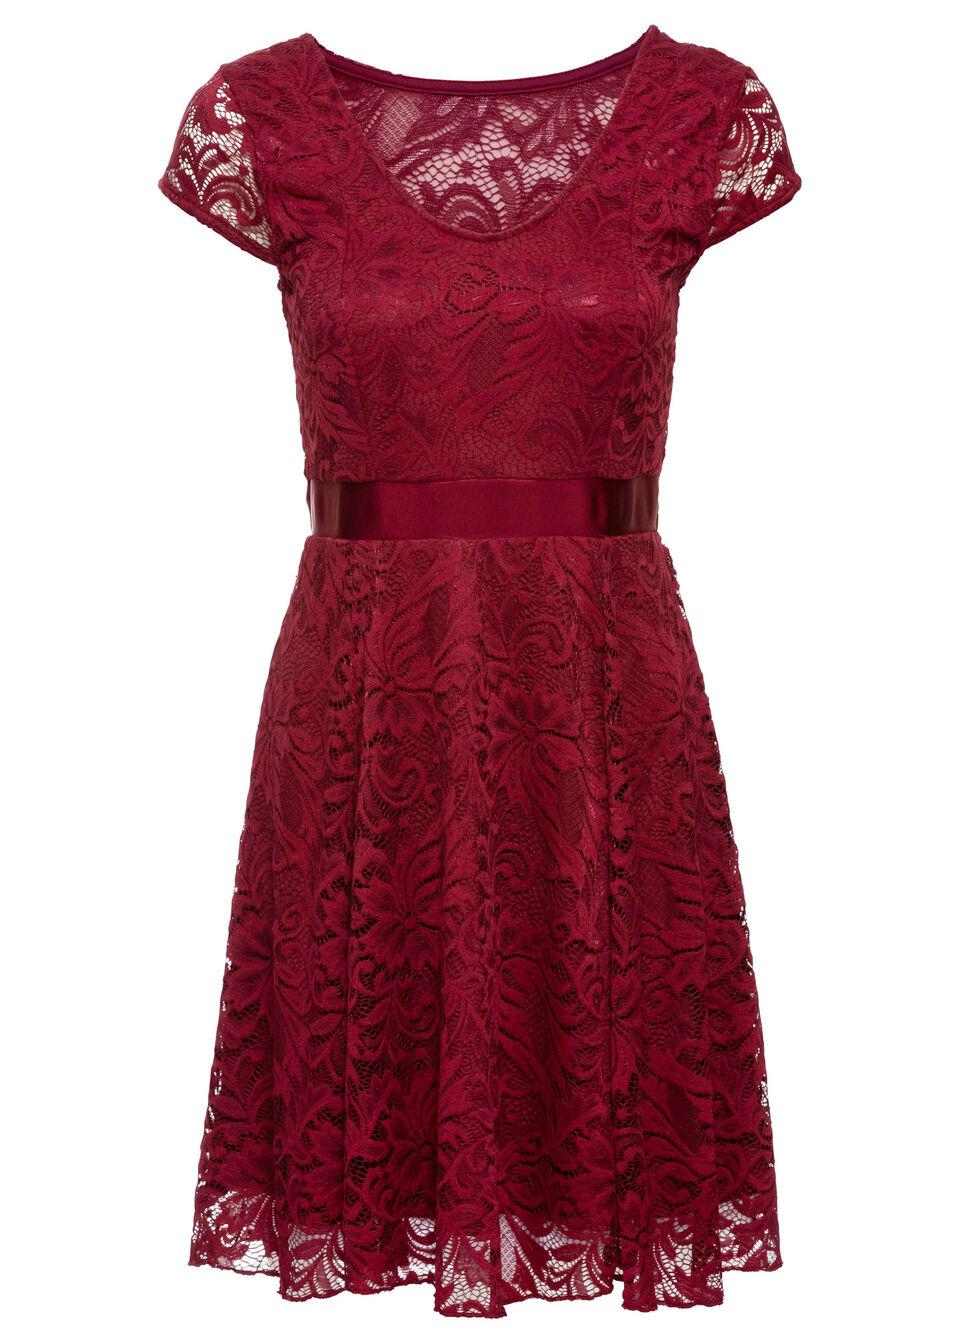 Купить Трикотажное платье с кружевной отделкой, bonprix, кленово-красный